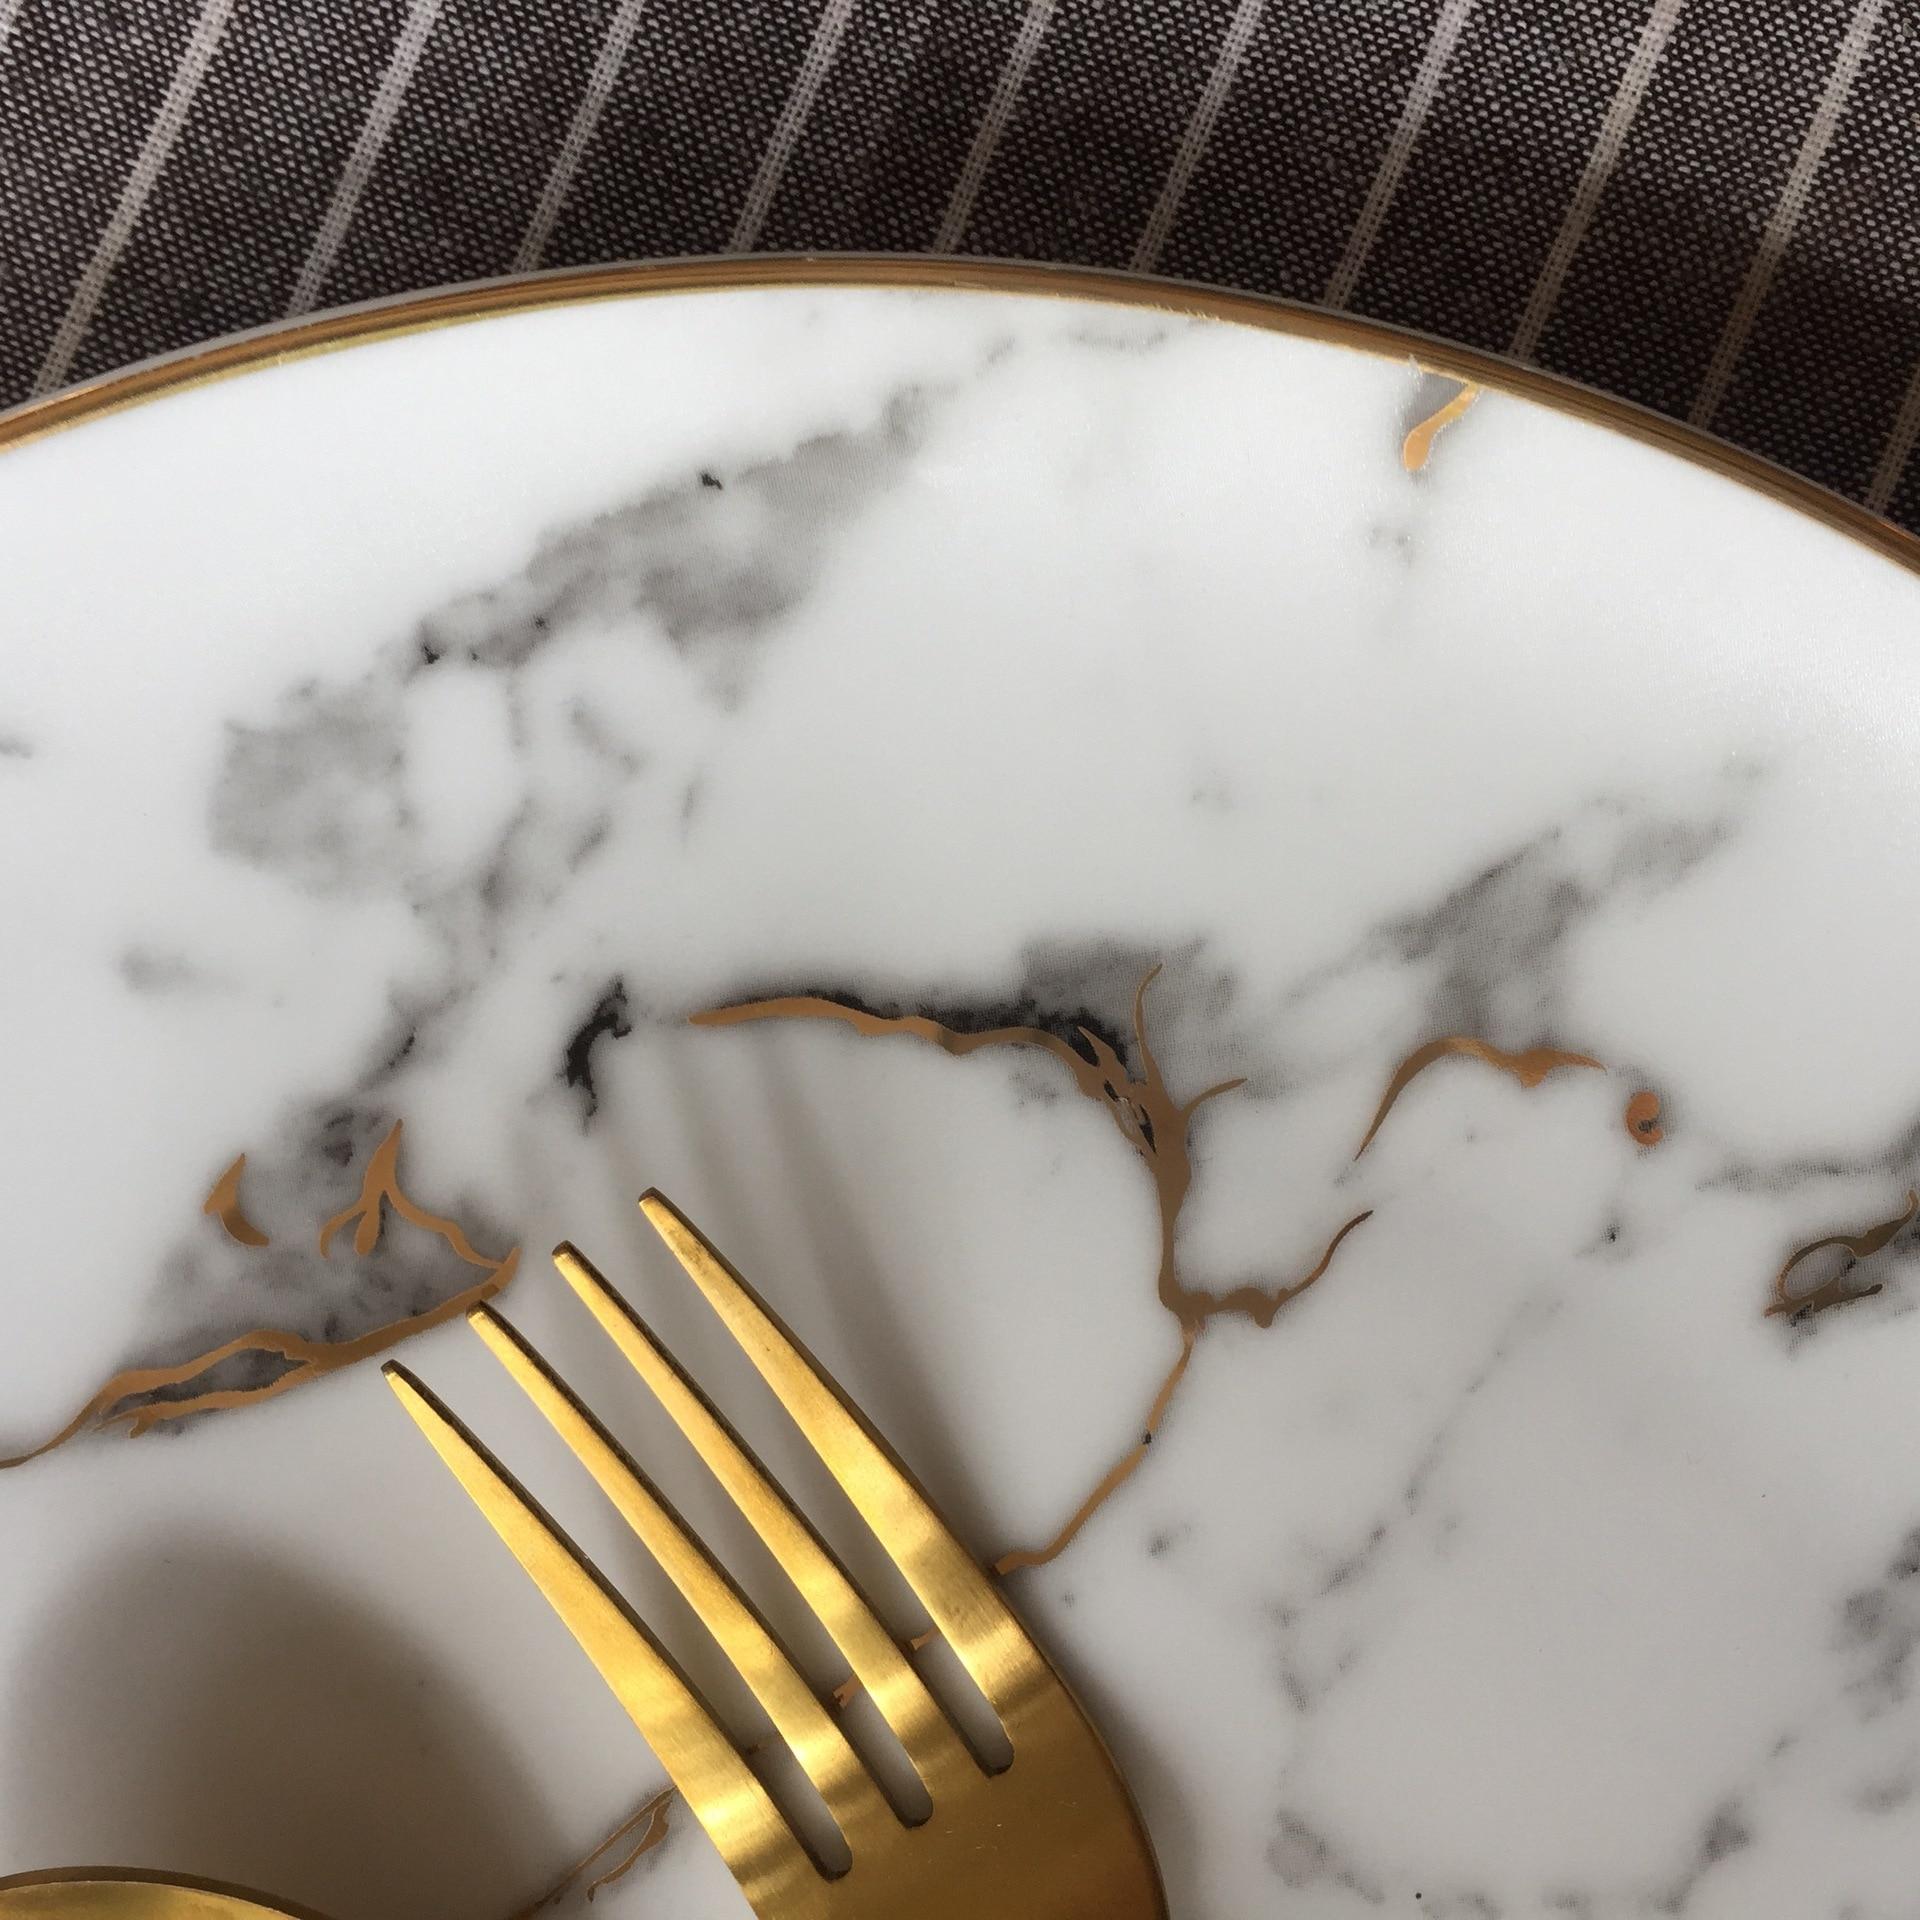 Lekoch assiette à Dessert en porcelaine   4 pièces assiette à dîner motif marbre, vaisselle en céramique assiette à Steak, salade Snack - 4